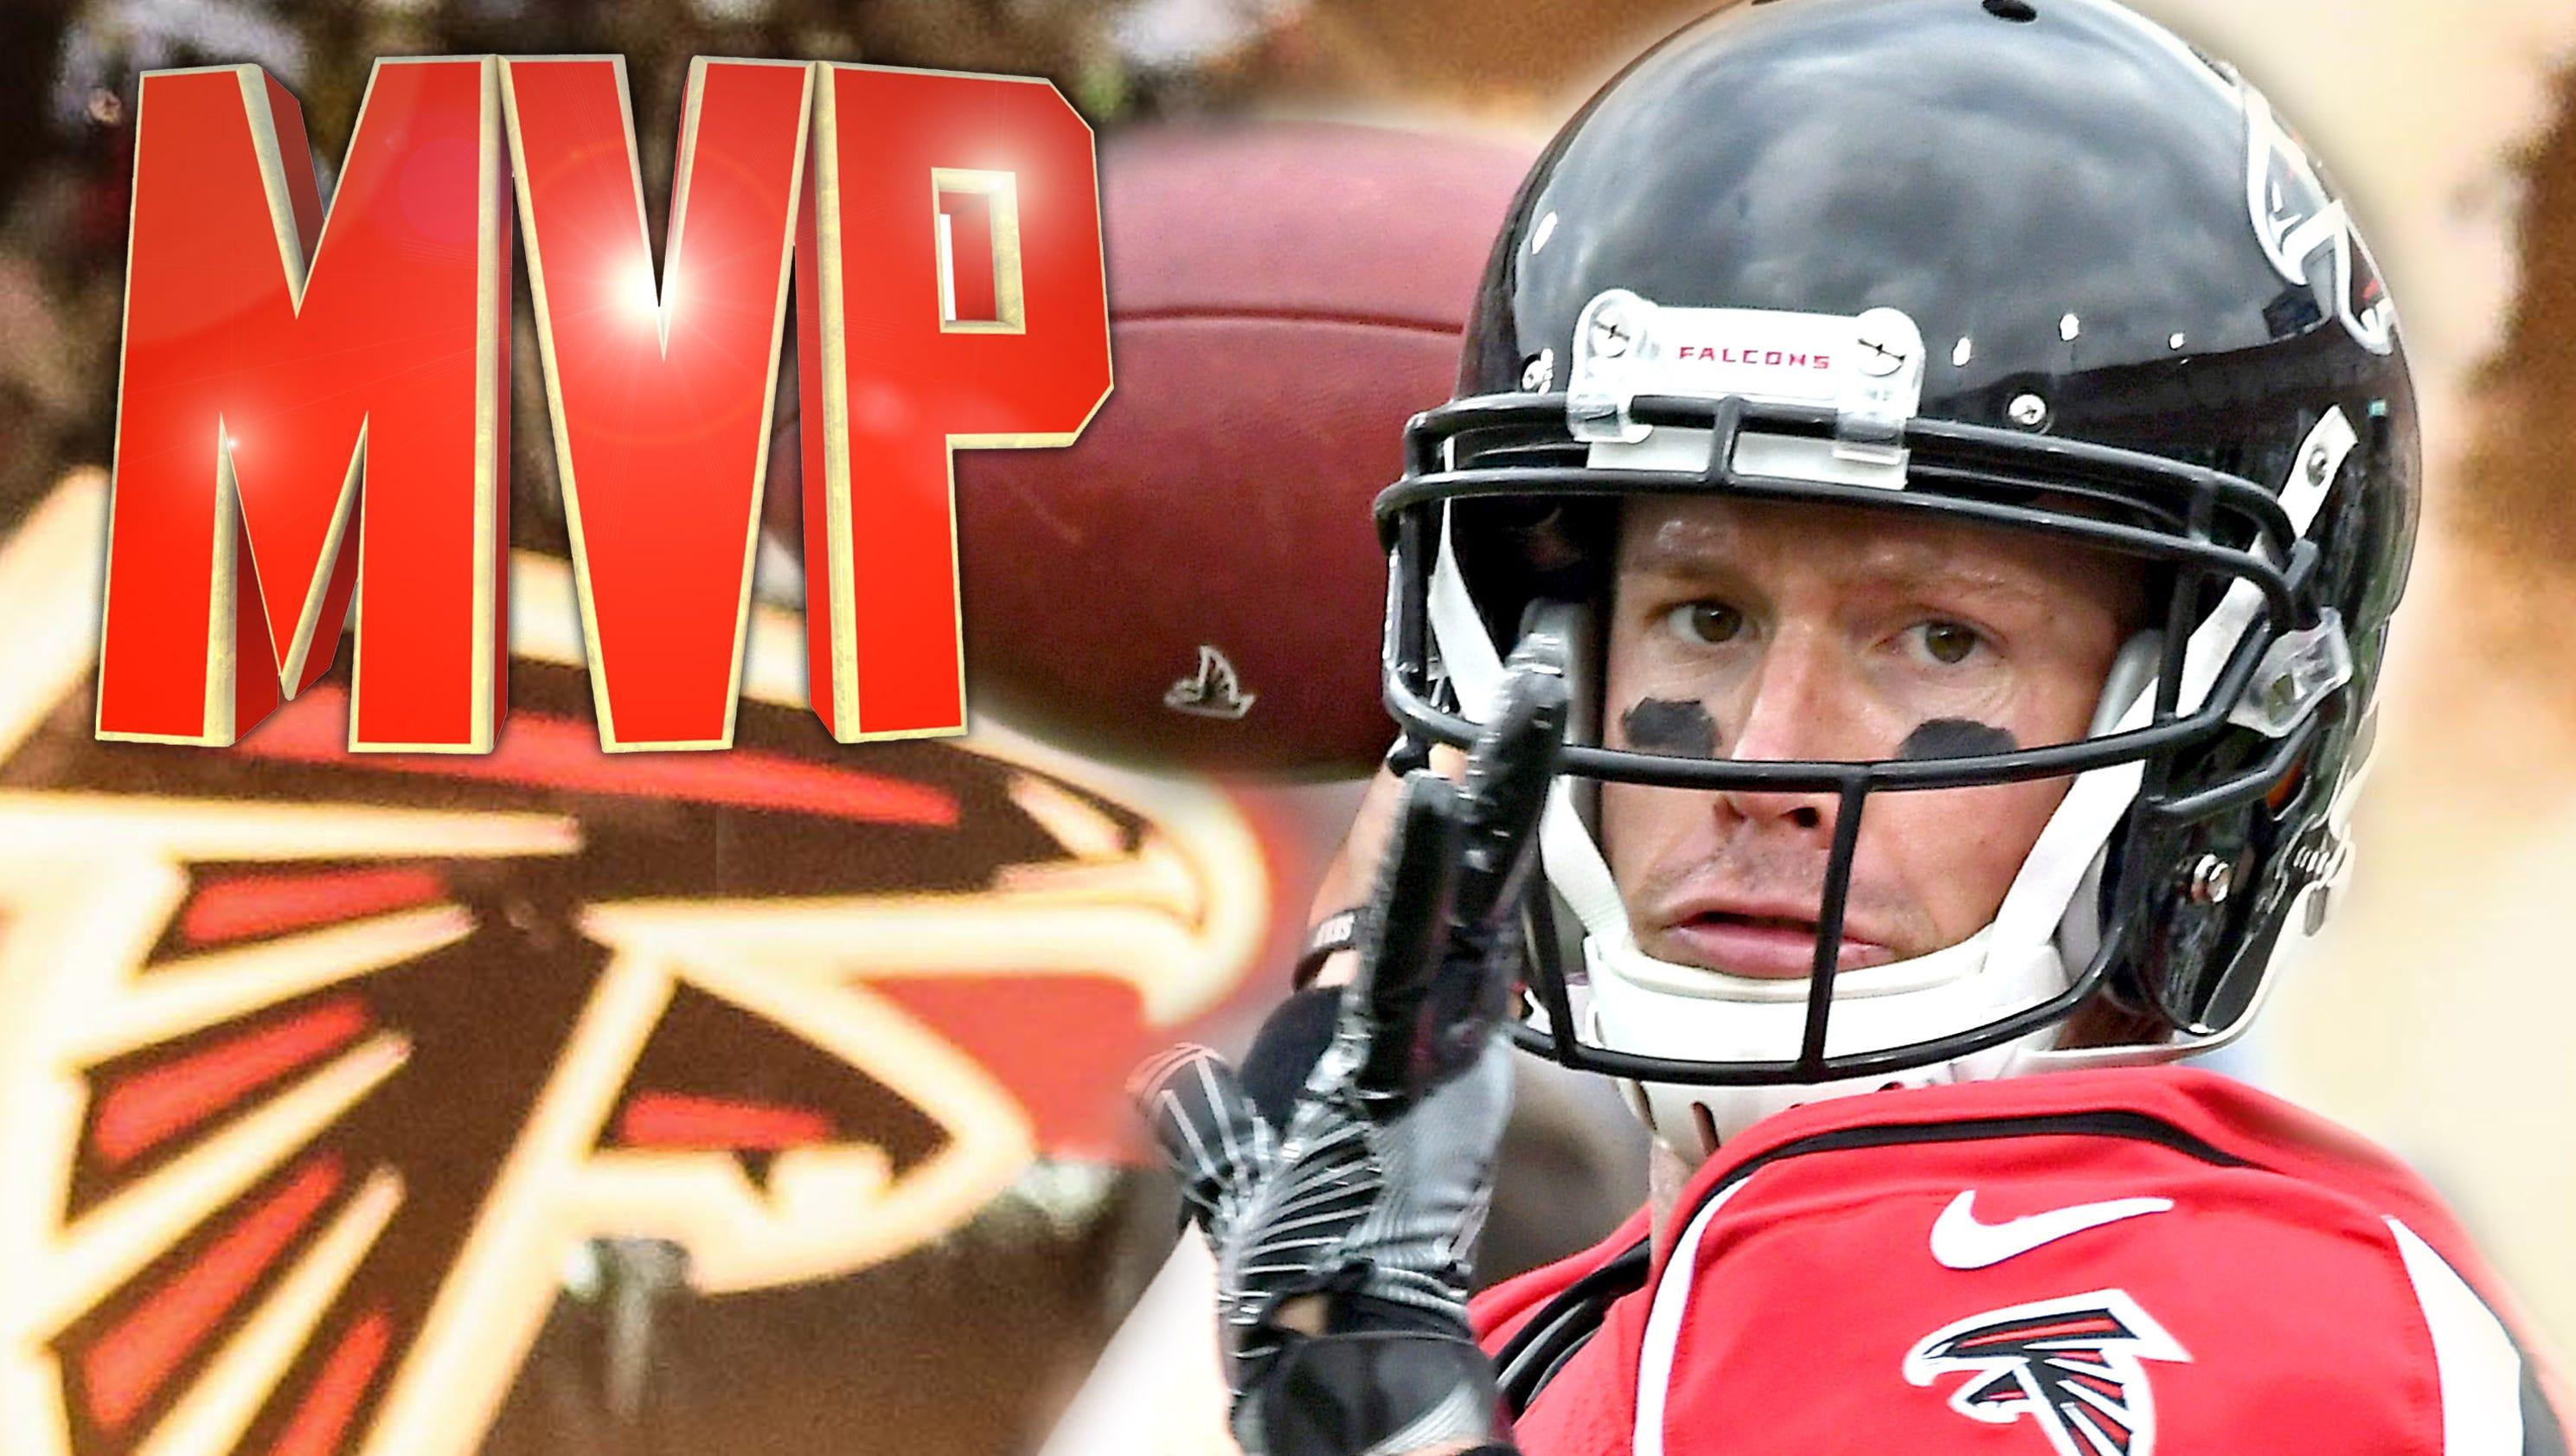 Matt Ryan named NFL MVP for 2016 season